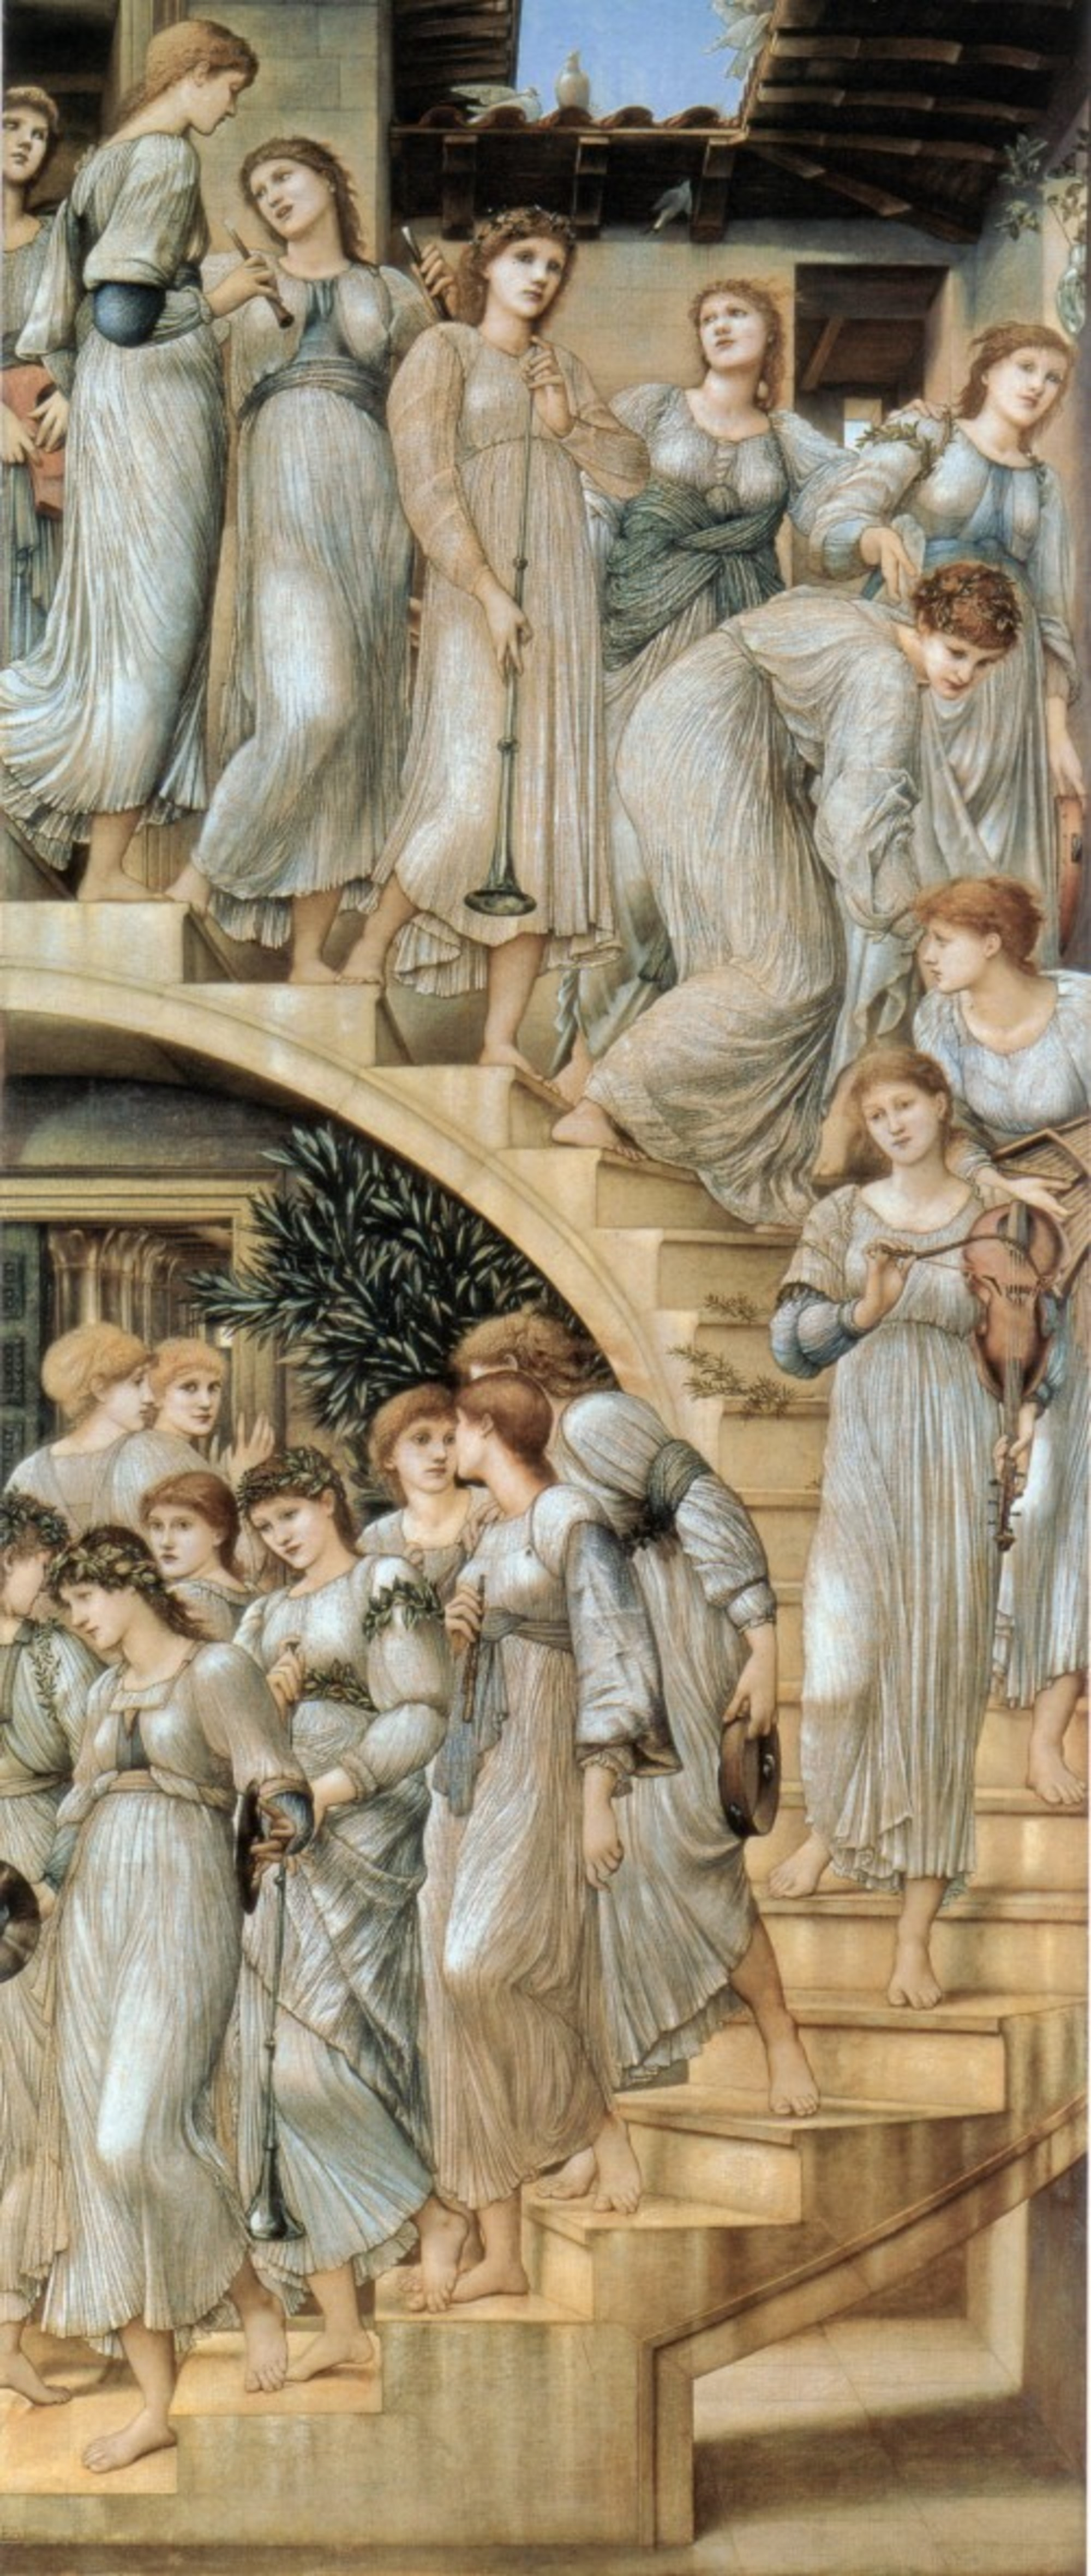 Edward_Burne-Jones_The_Golden_Stairs.jpg